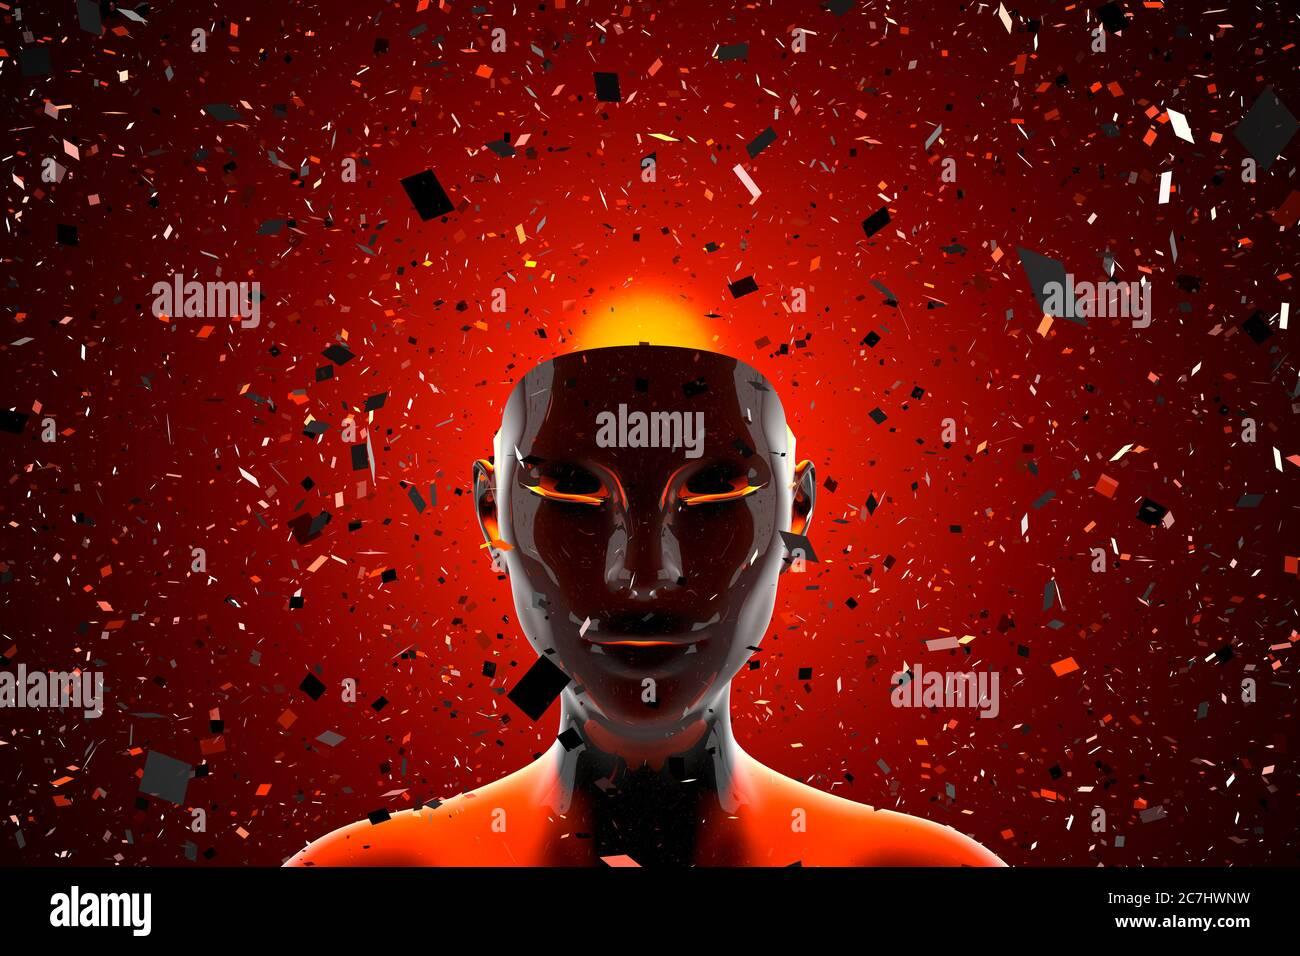 Ilustración 3D de una cabeza disolviendo en fragmentos que simbolizan una mente pensante o una inteligencia artificial. Foto de stock